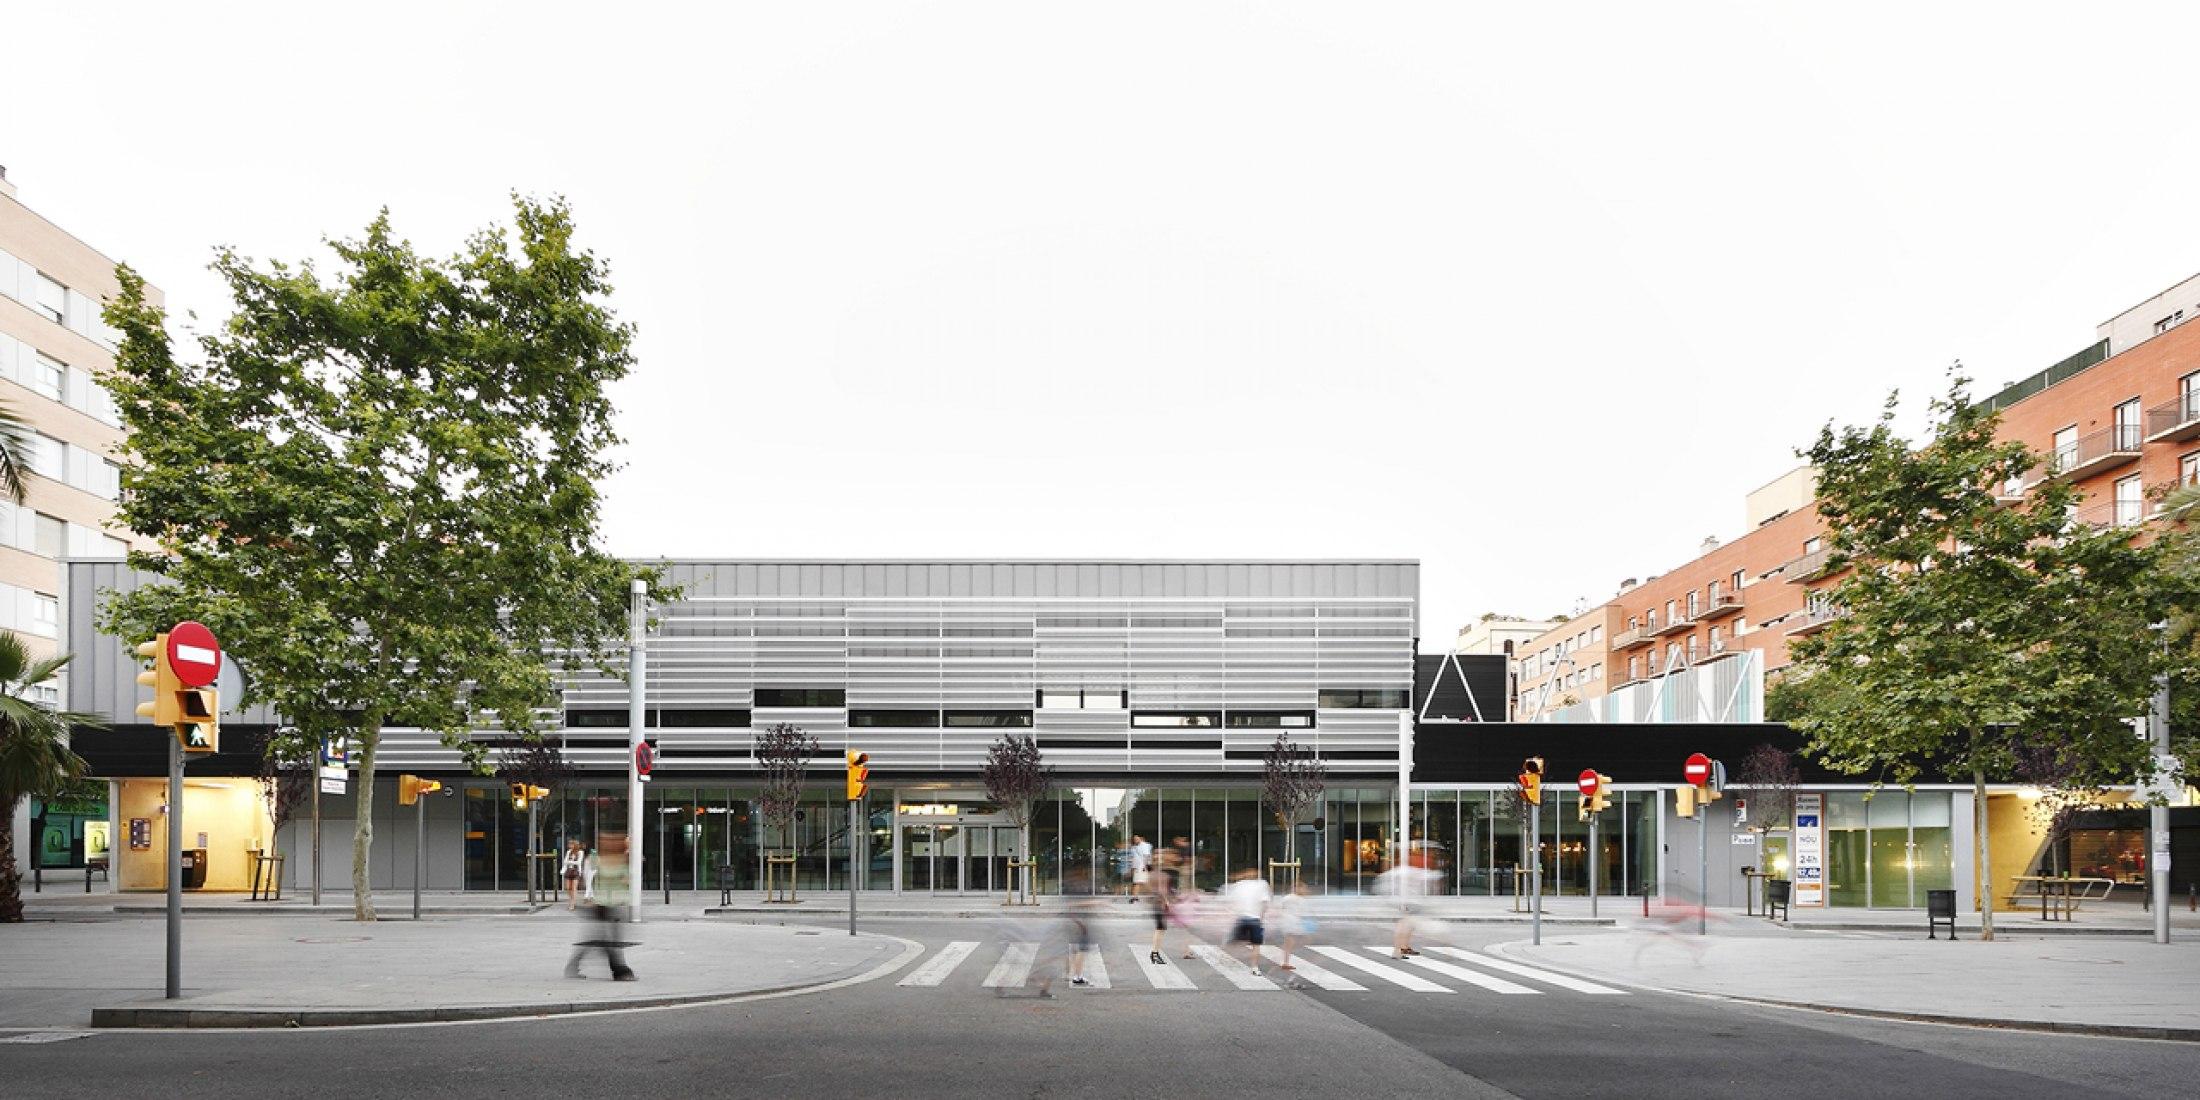 Vista del entorno. Edificio público multifuncional en Sant Martí por SUMO Arquitectes + Yolanda Olmo. Fotografía © Aitor Estévez.